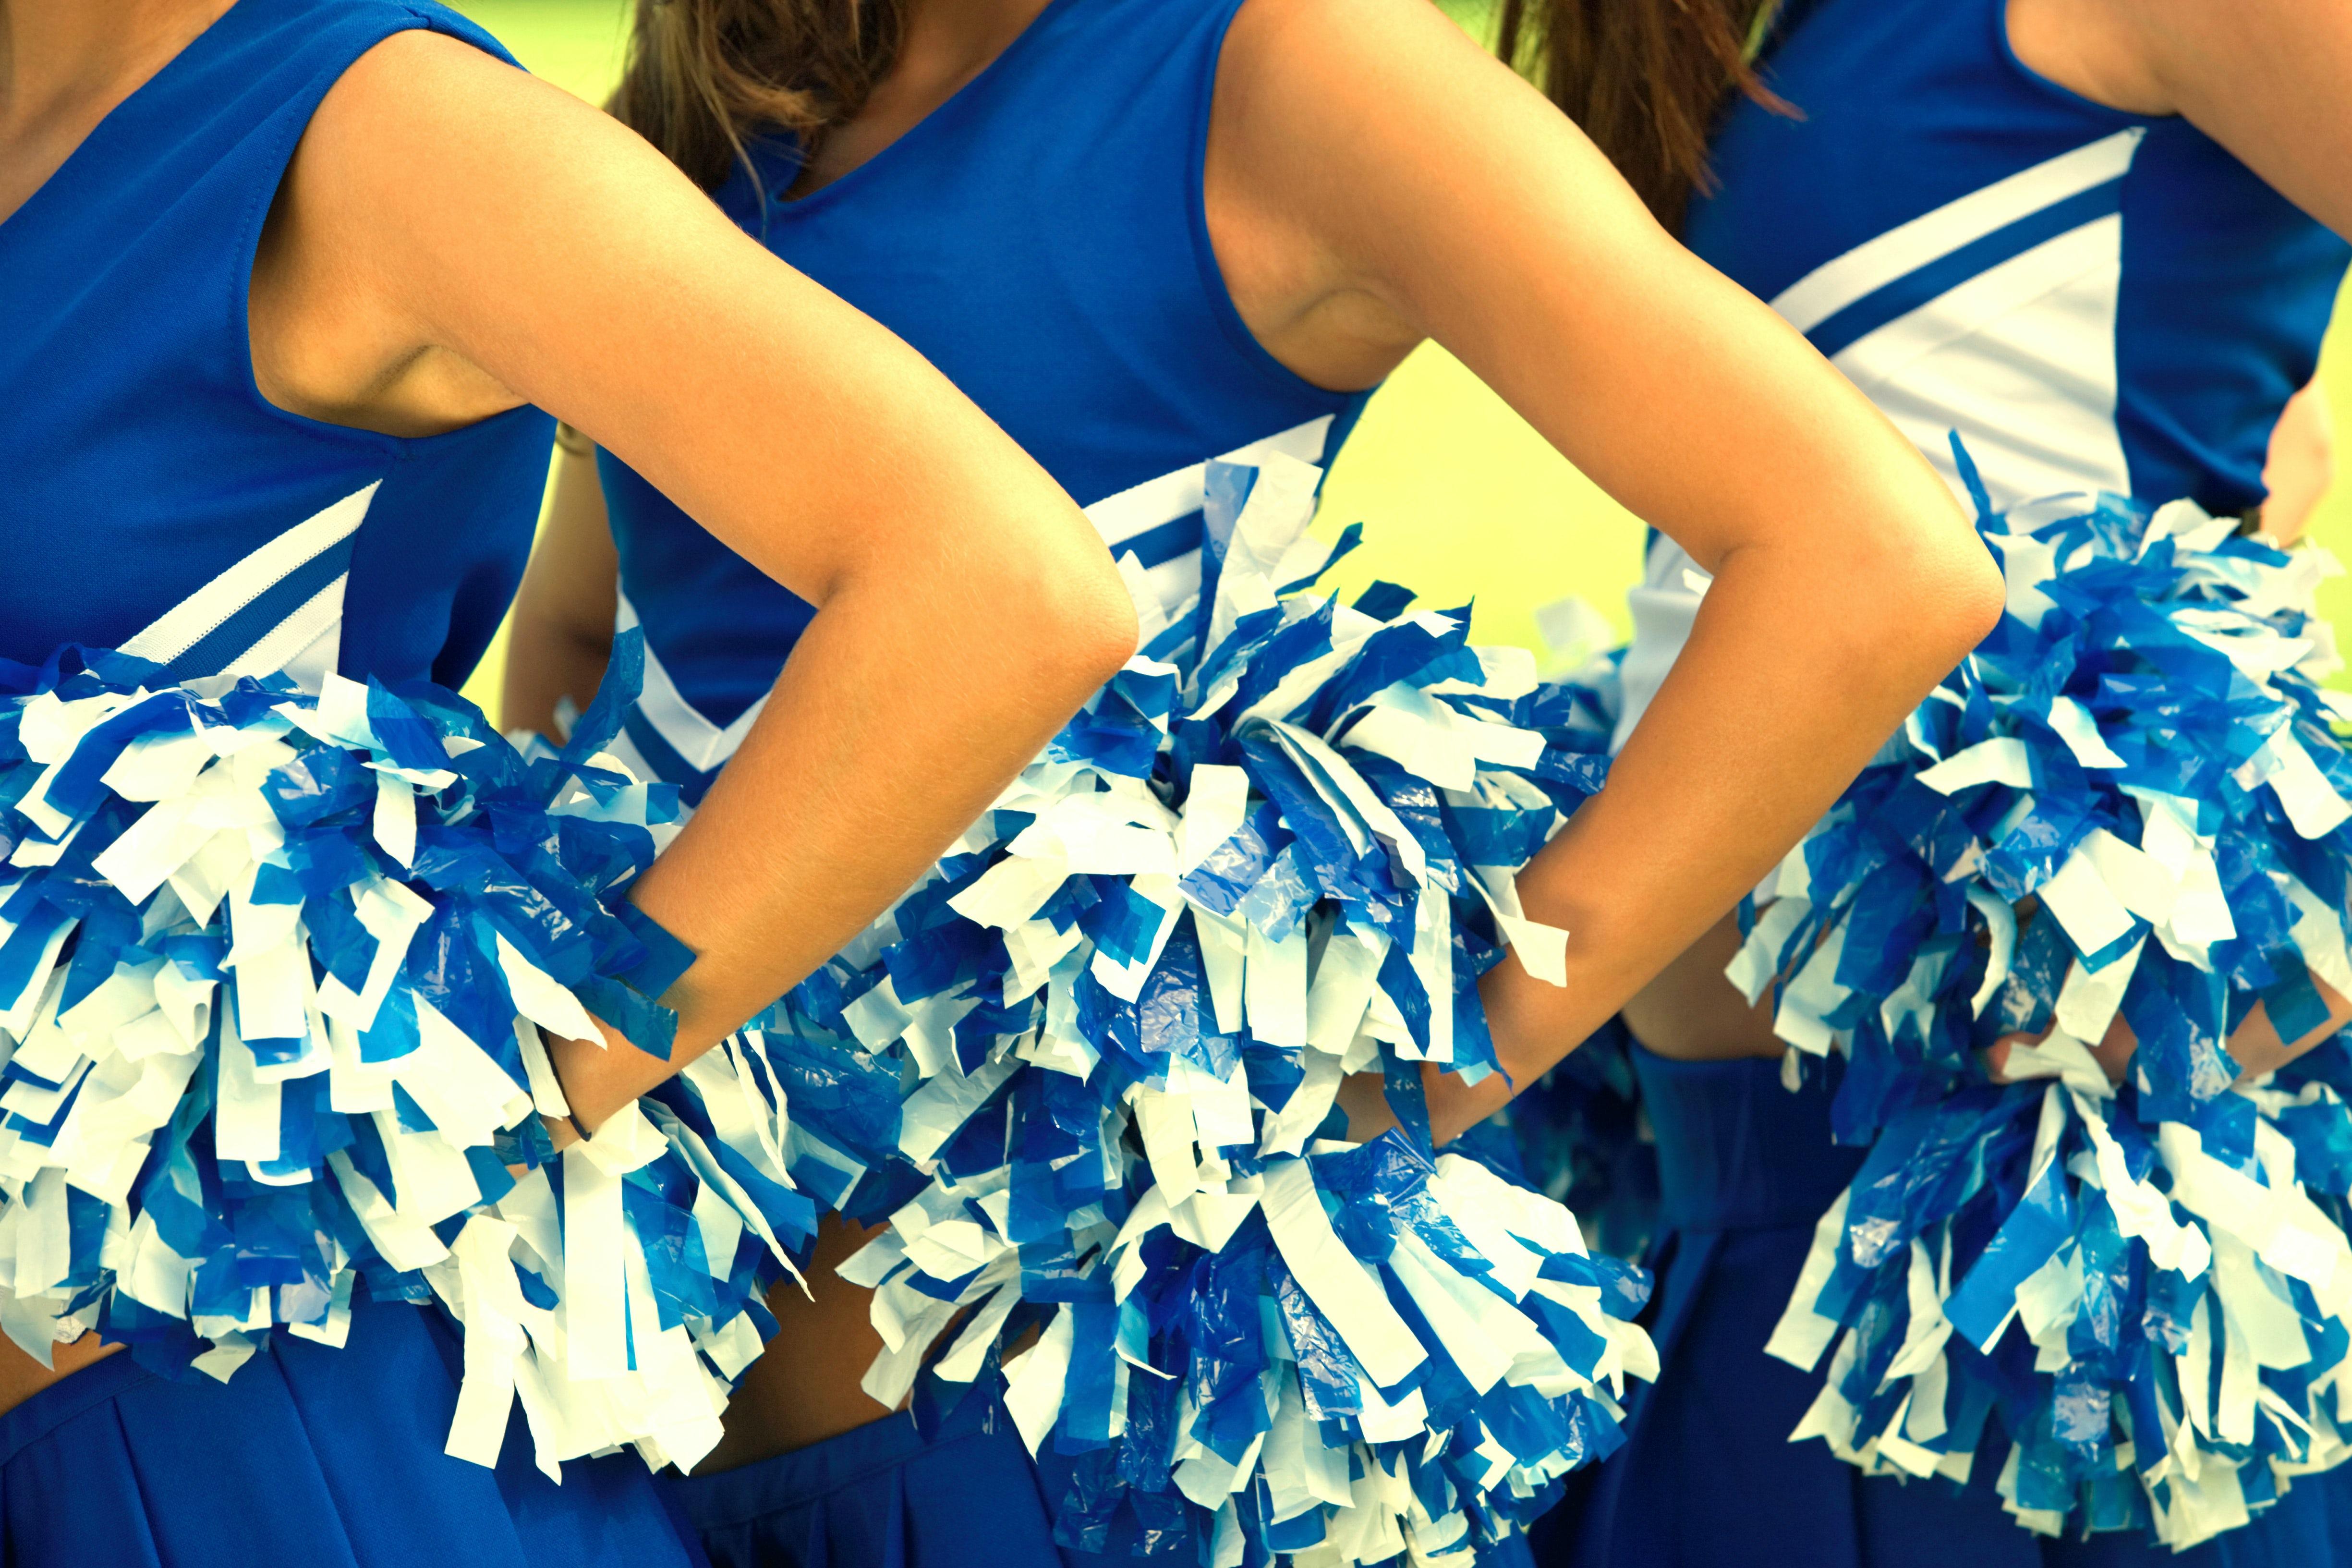 Cheerleaders' uniforms | Source: Shutterstock